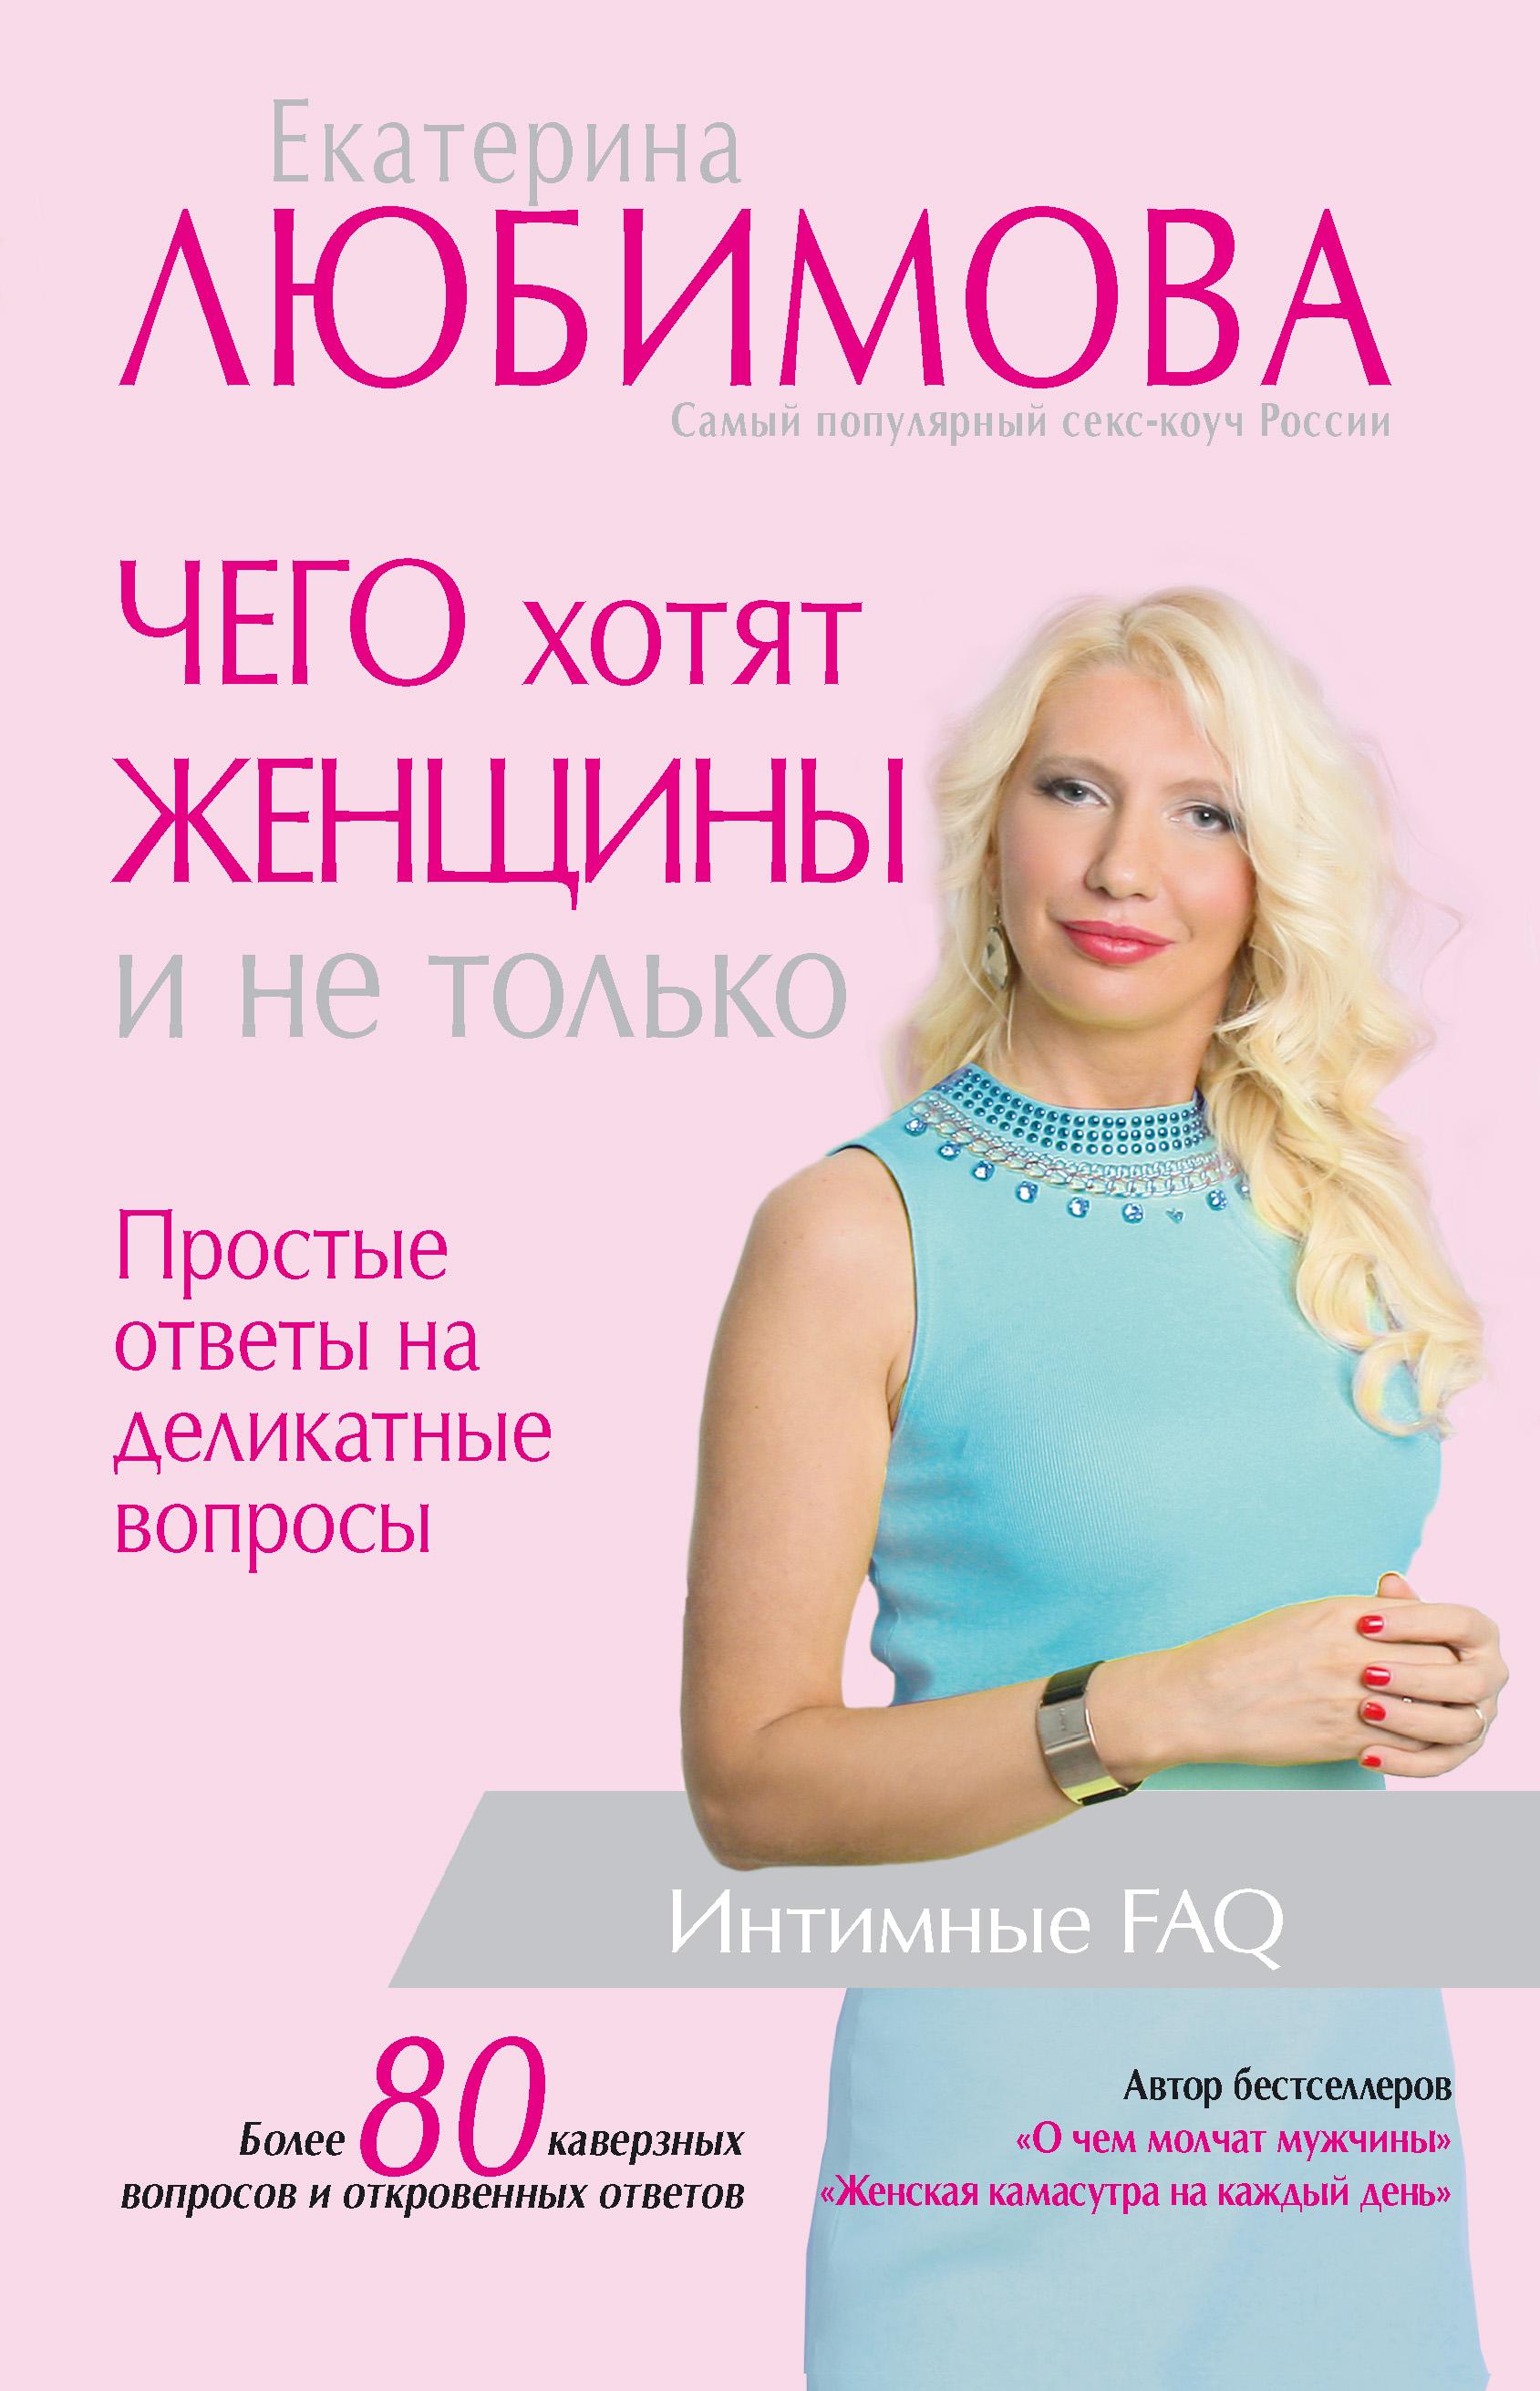 Екатерина Любимова Чего хотят женщины. Простые ответы на деликатные вопросы алиса майер женщины и секс почему секс полезен для женщин